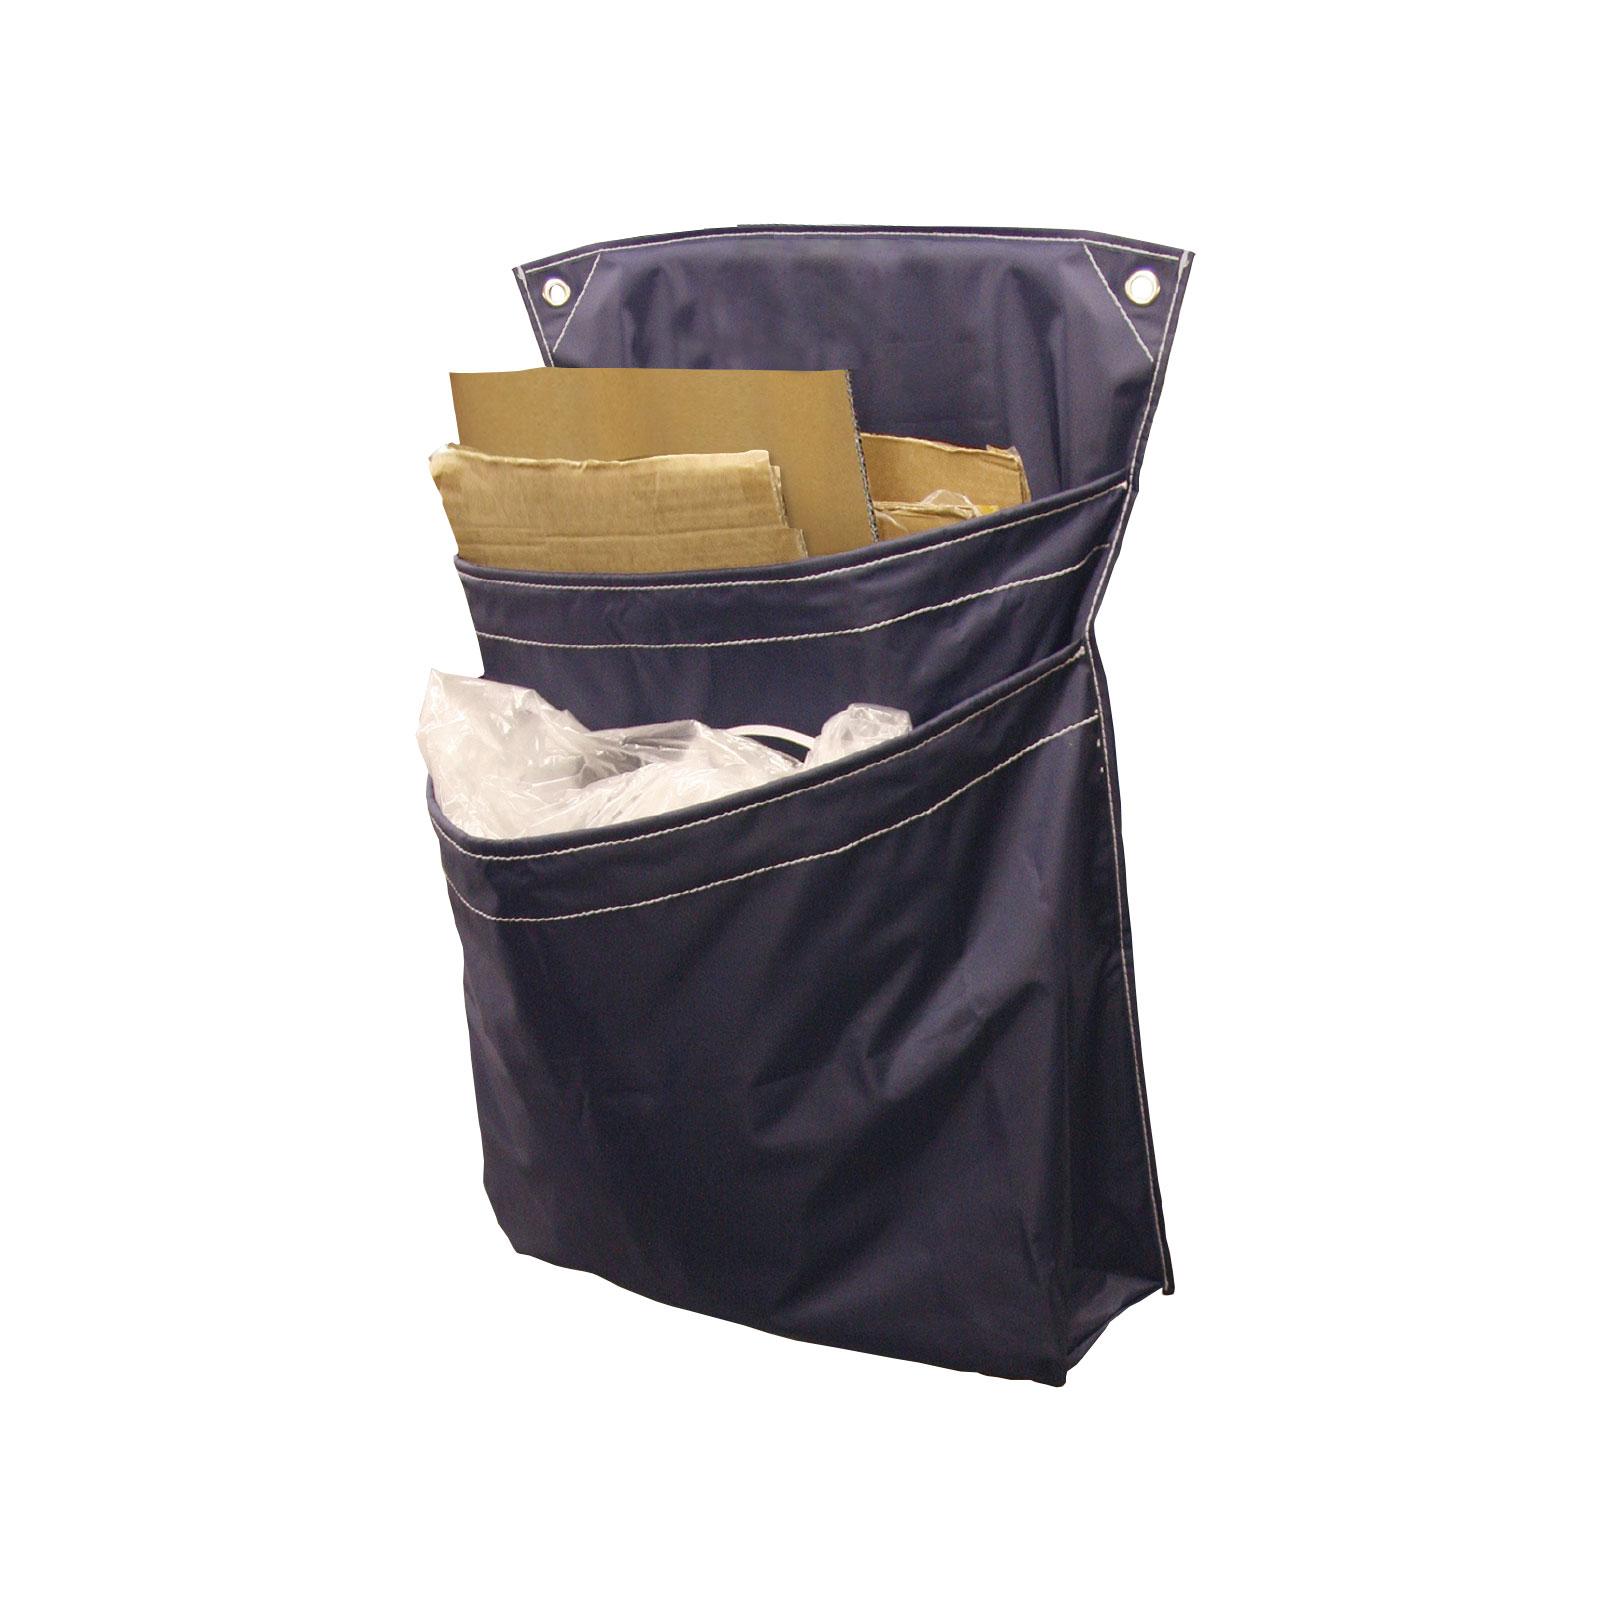 Trolley Racksacks